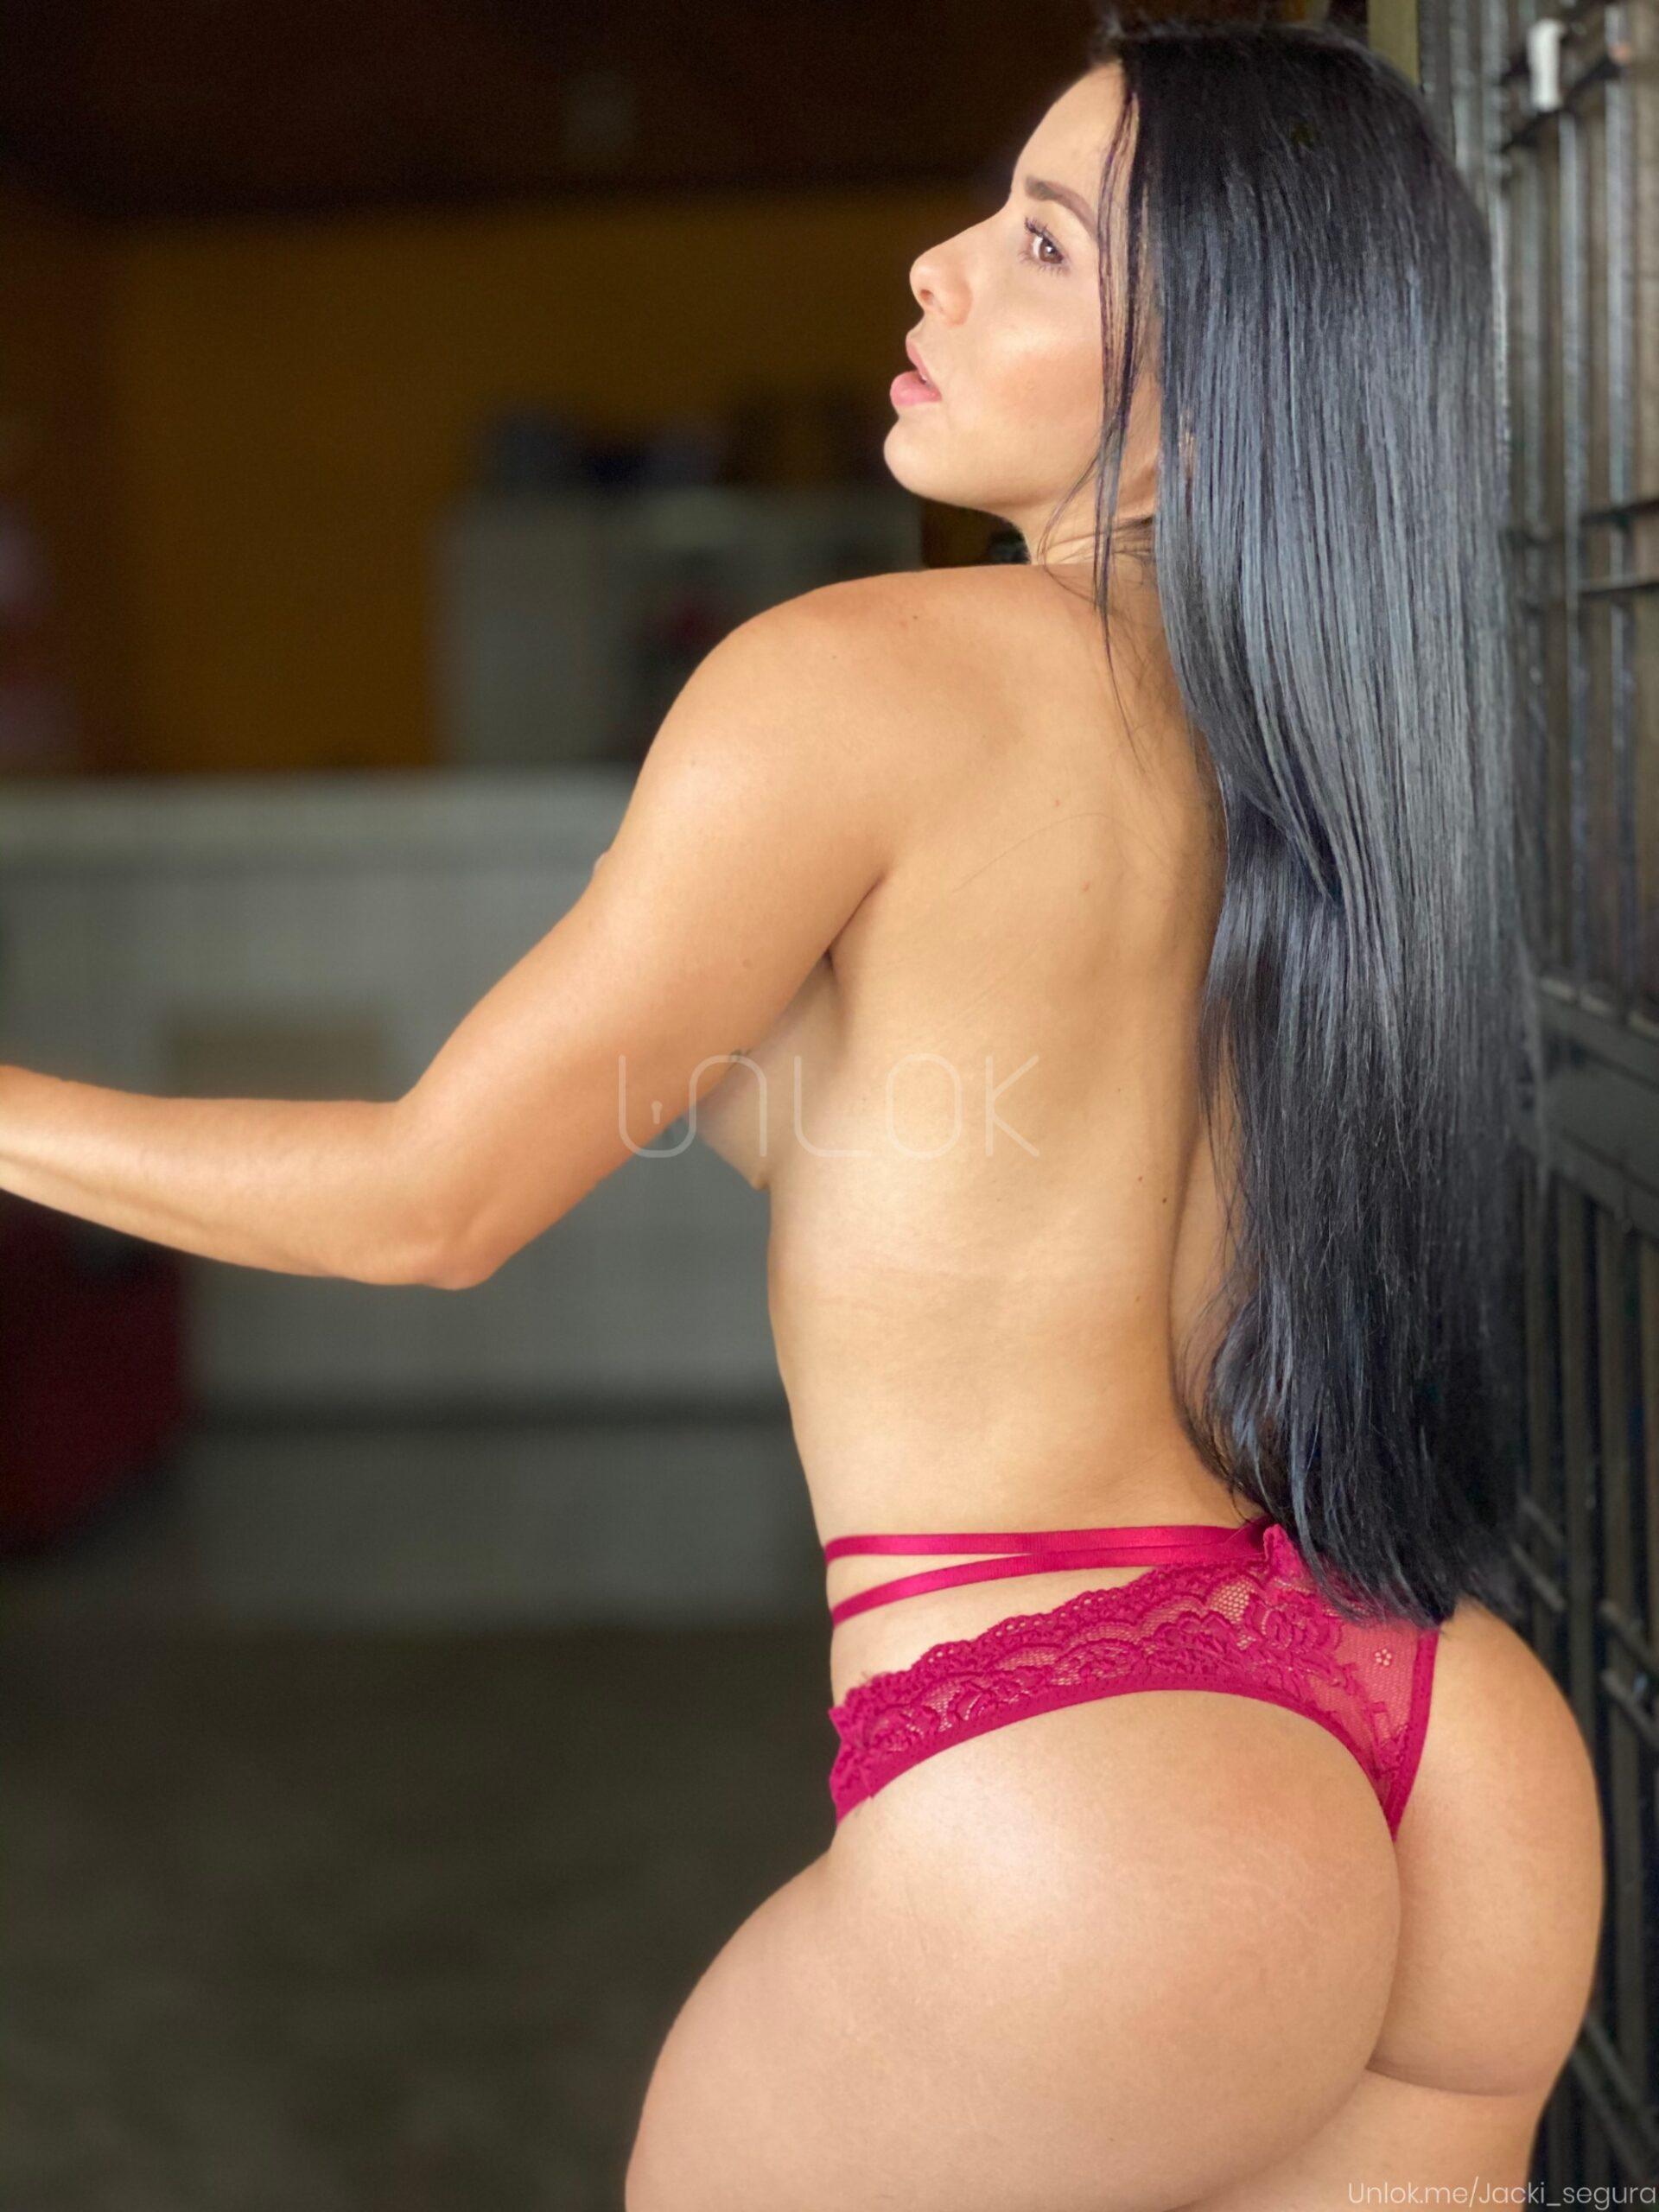 fotos culonas, costa rica, latinas culonas